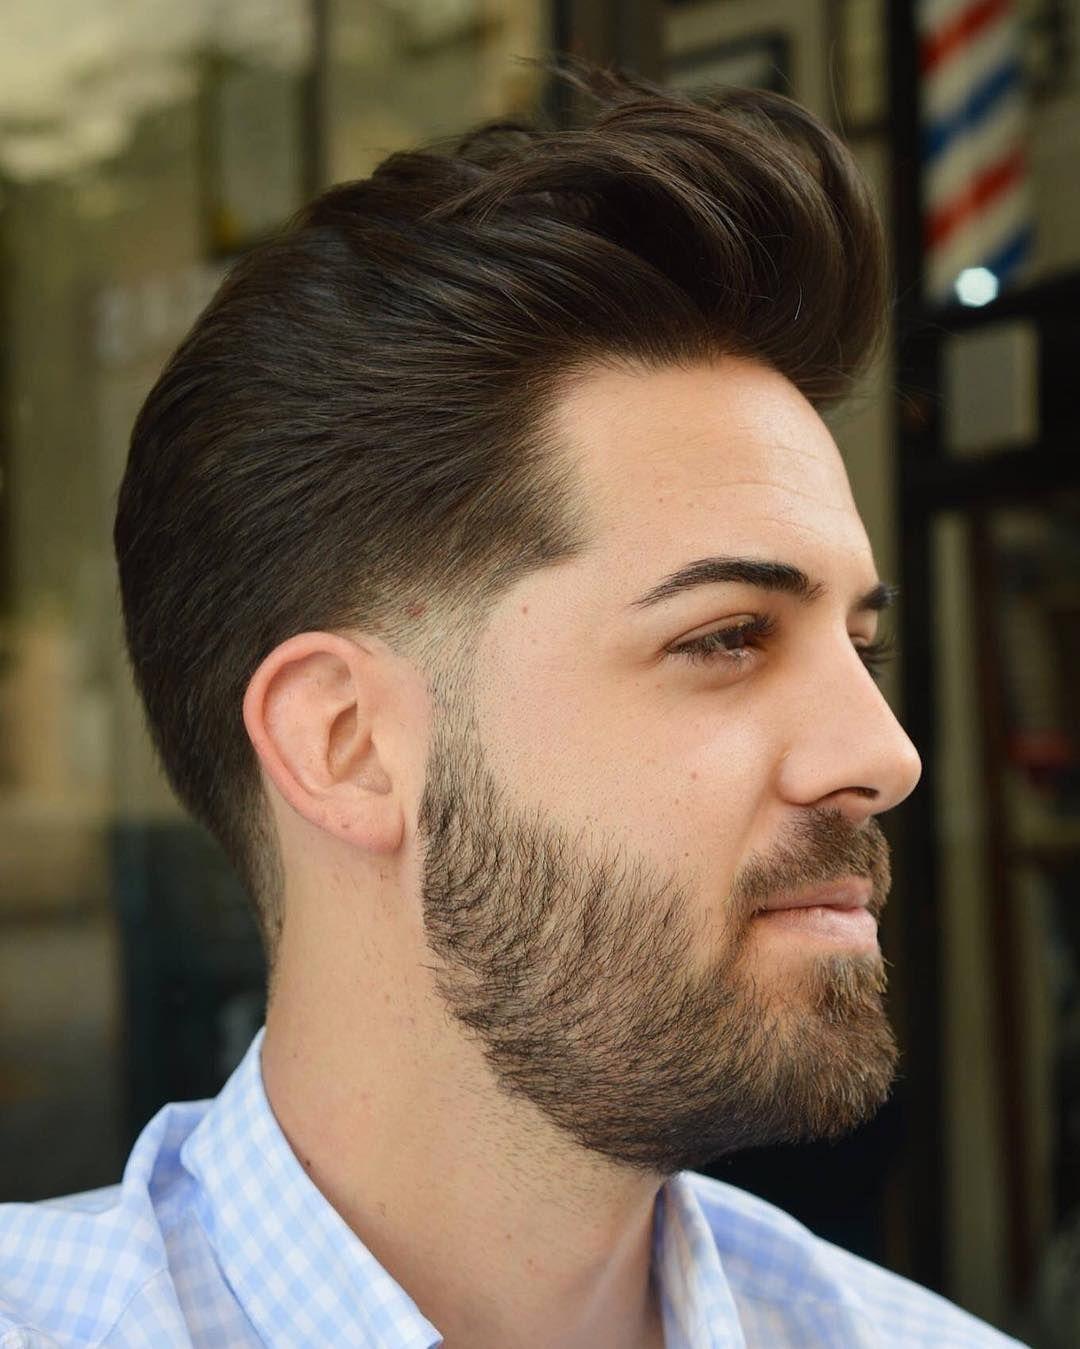 Cheveux Brosses En Arriere Degrade Aux Tempes Et A La Nuque Coupe De Cheveux Homme Coupe Cheveux Homme Cheveux Homme Coiffure Homme